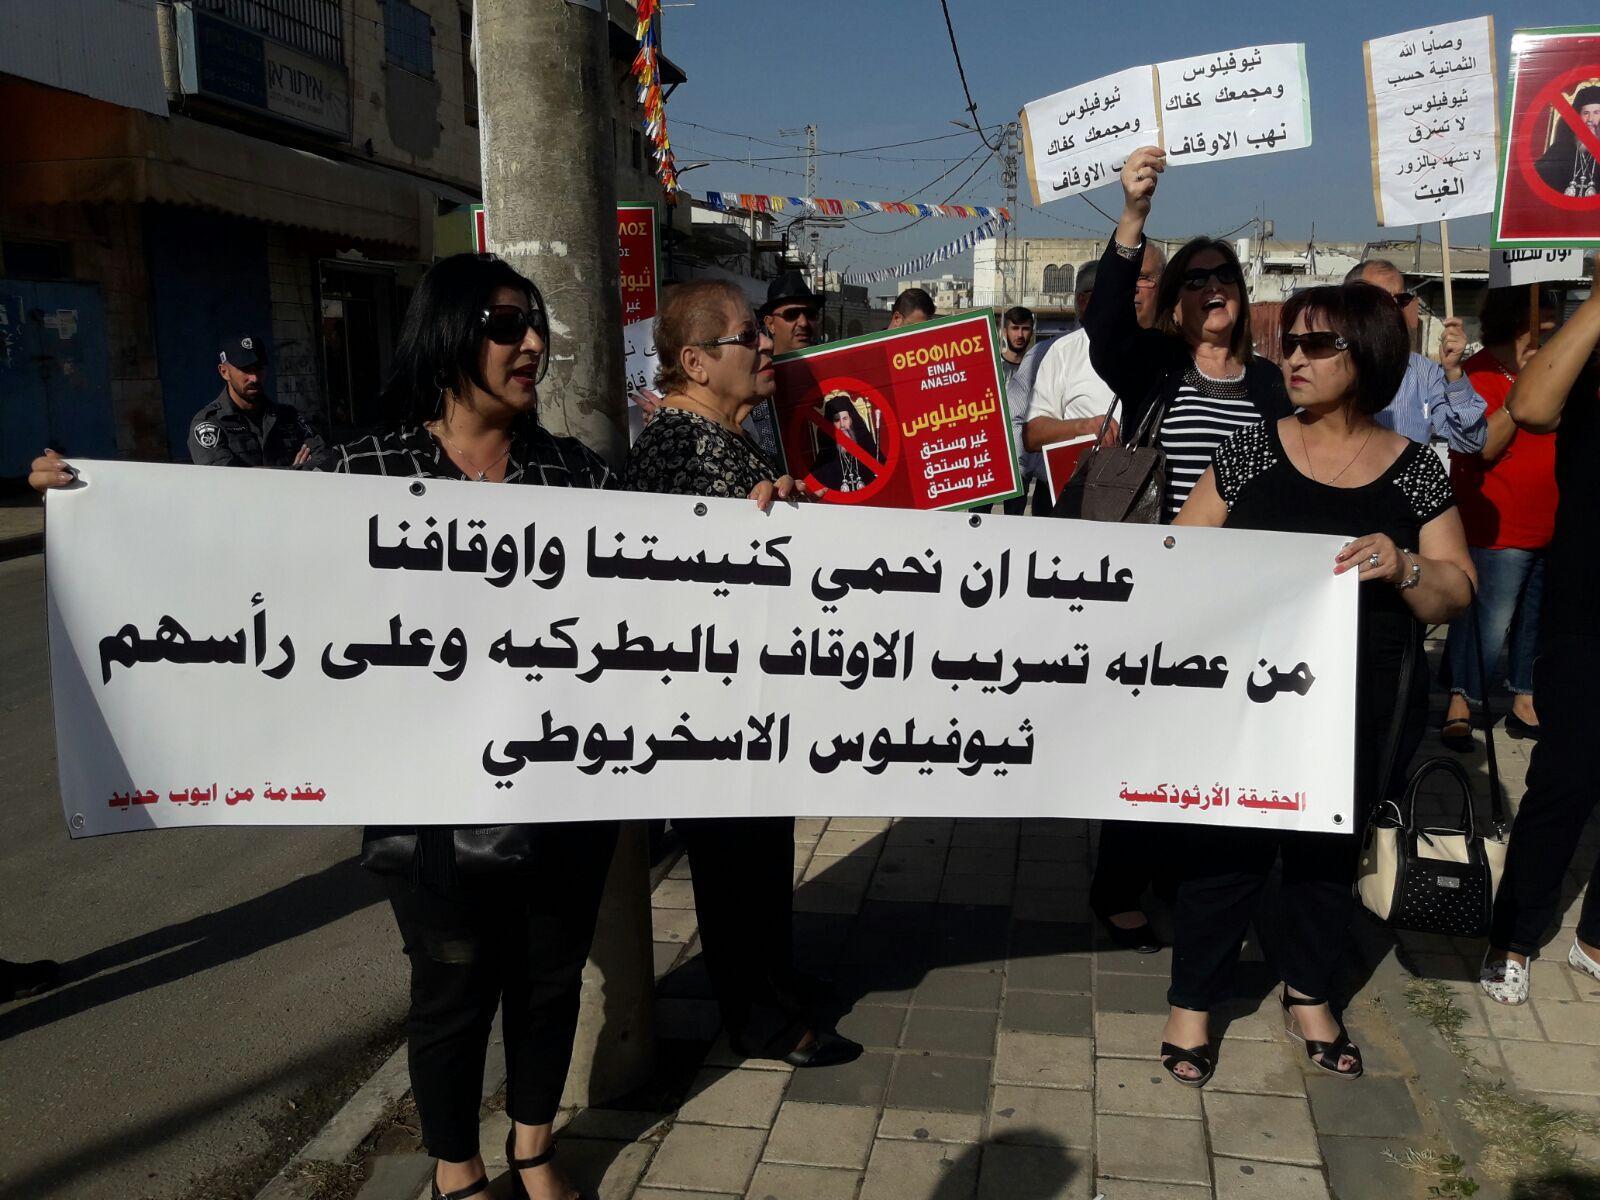 اللد: تظاهرة احتجاجية ضد تسريب الأوقاف العربية الأرثوذكسية